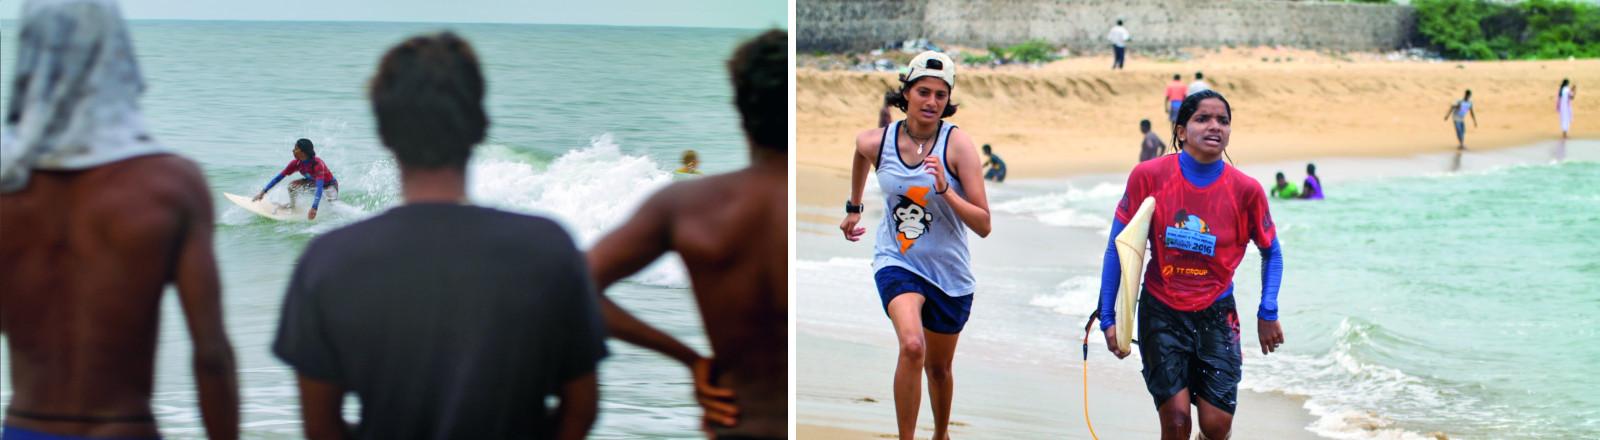 Indien: Frau auf dem Surfbrett, Männer schauen zu. / Zwei junge Surferinnen laufen am Strand. (Collage DLF Nova)